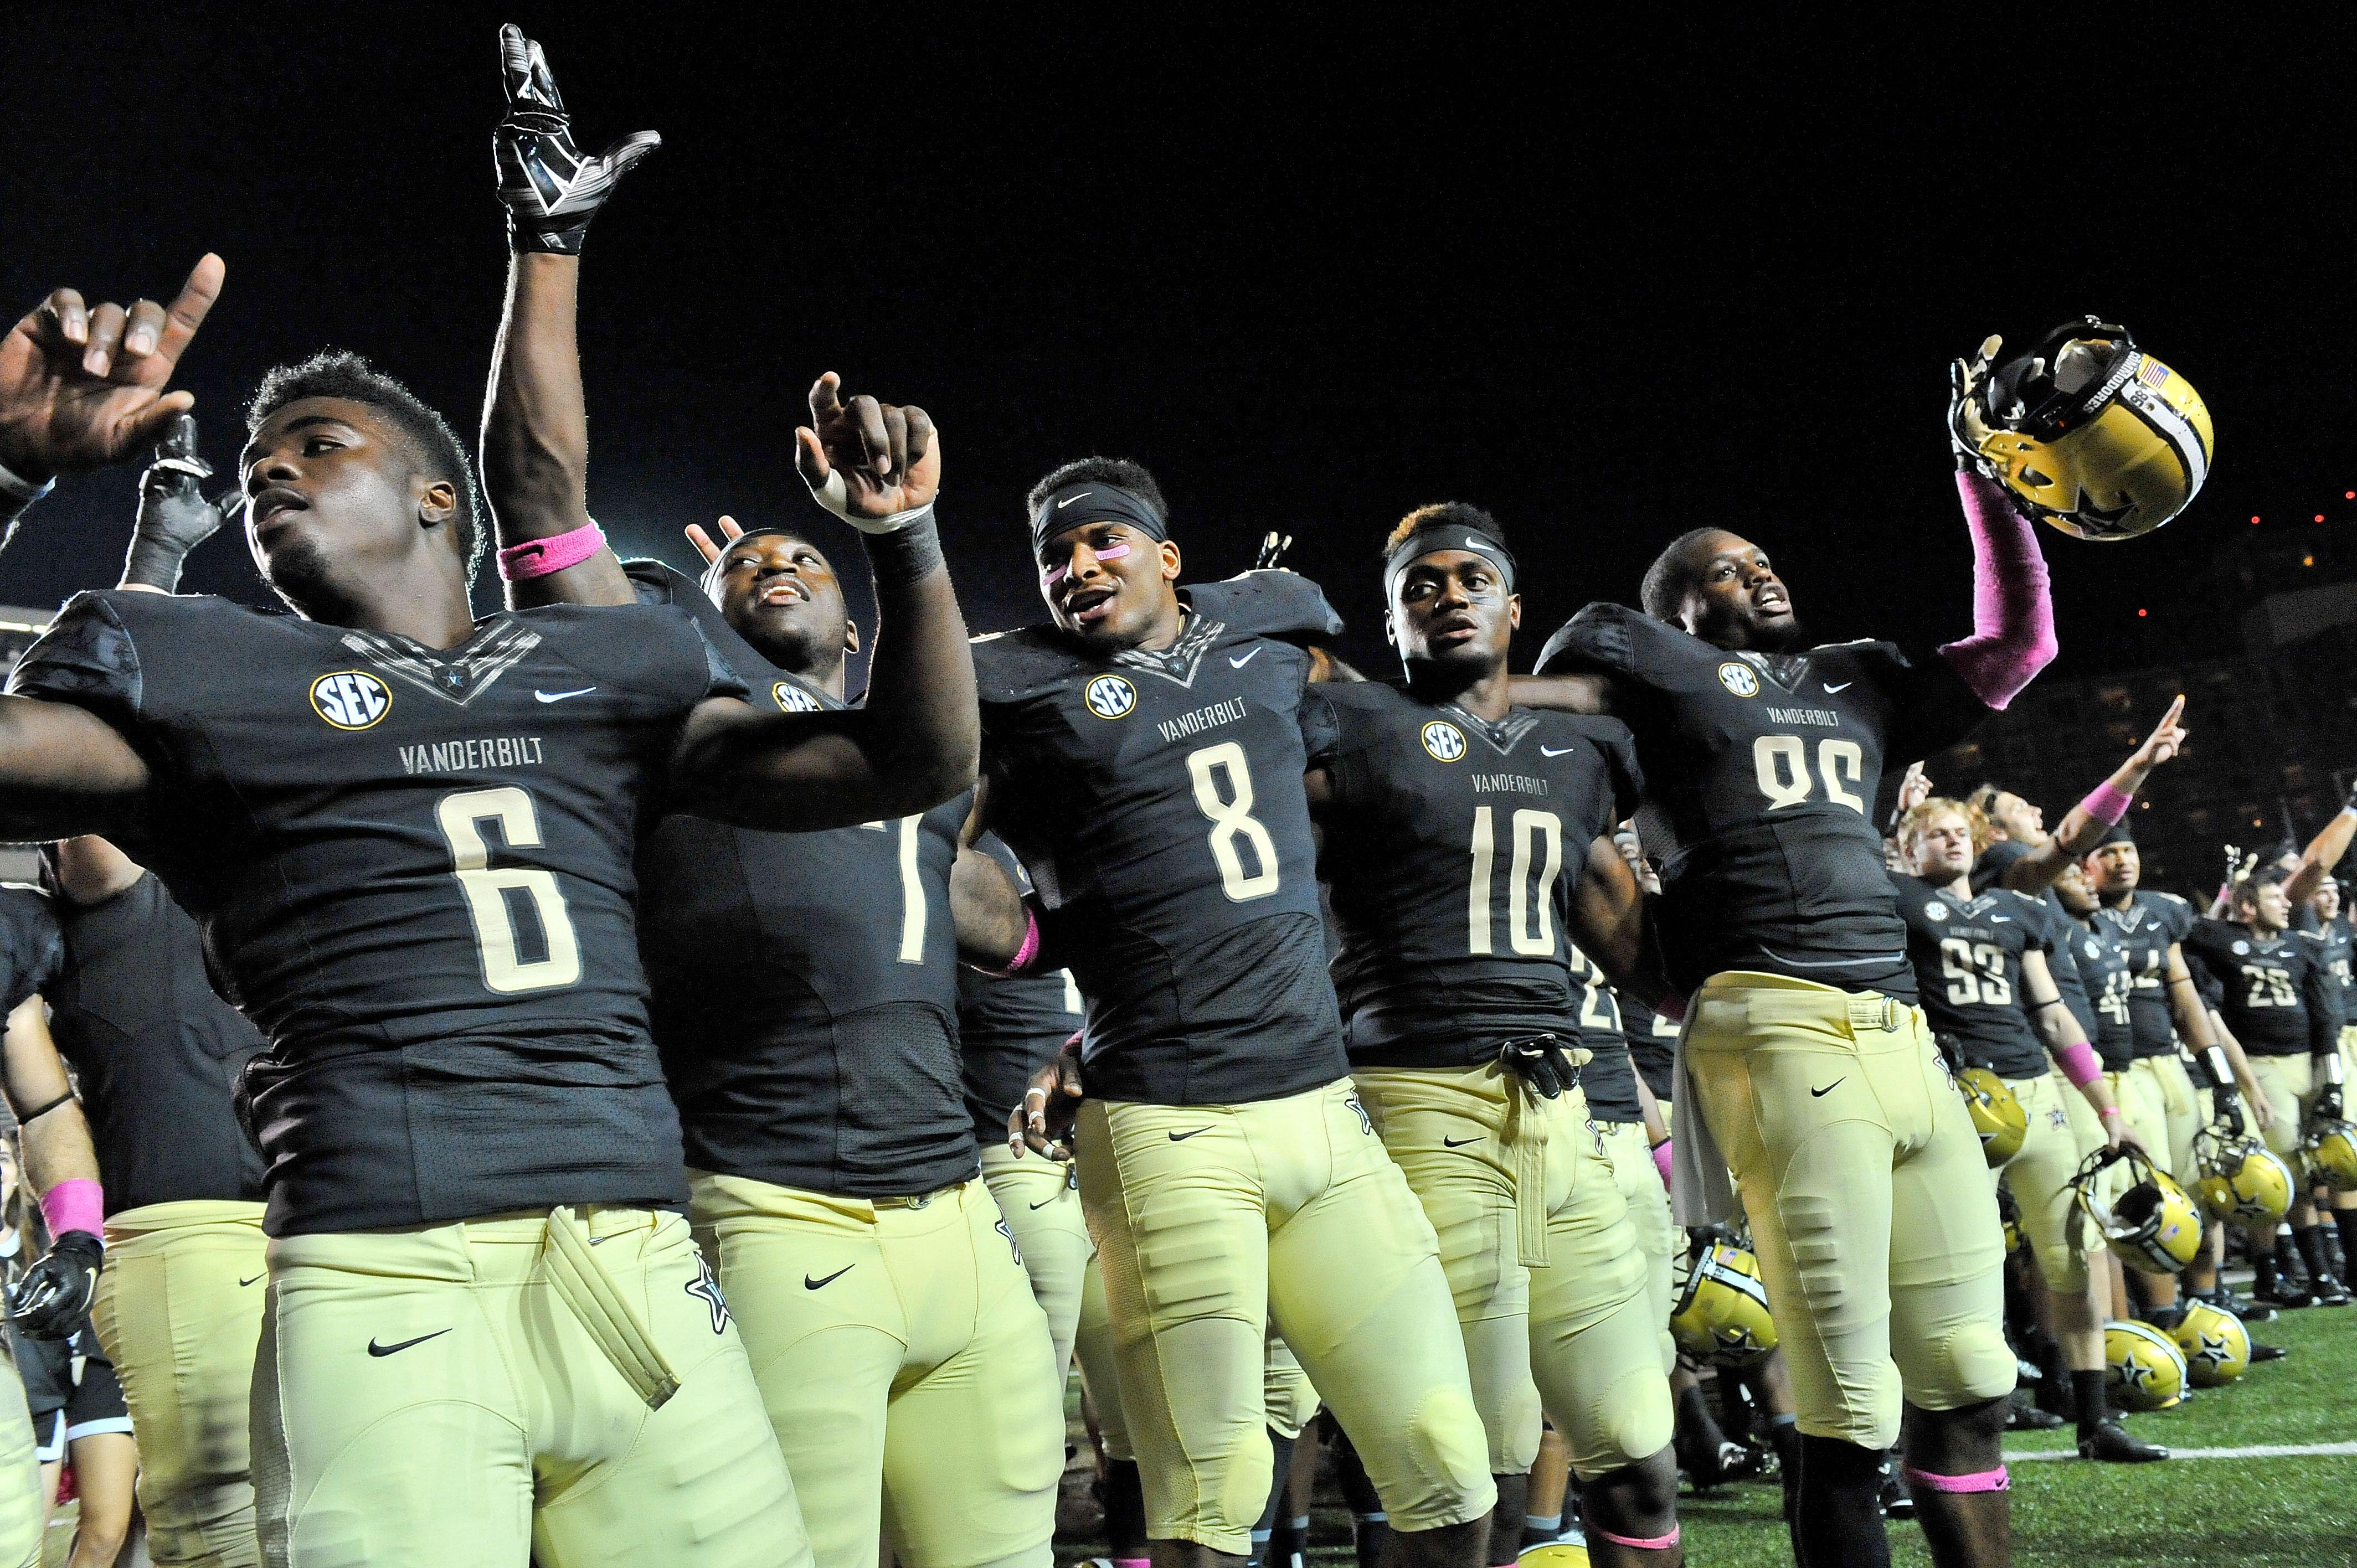 Vanderbilt players